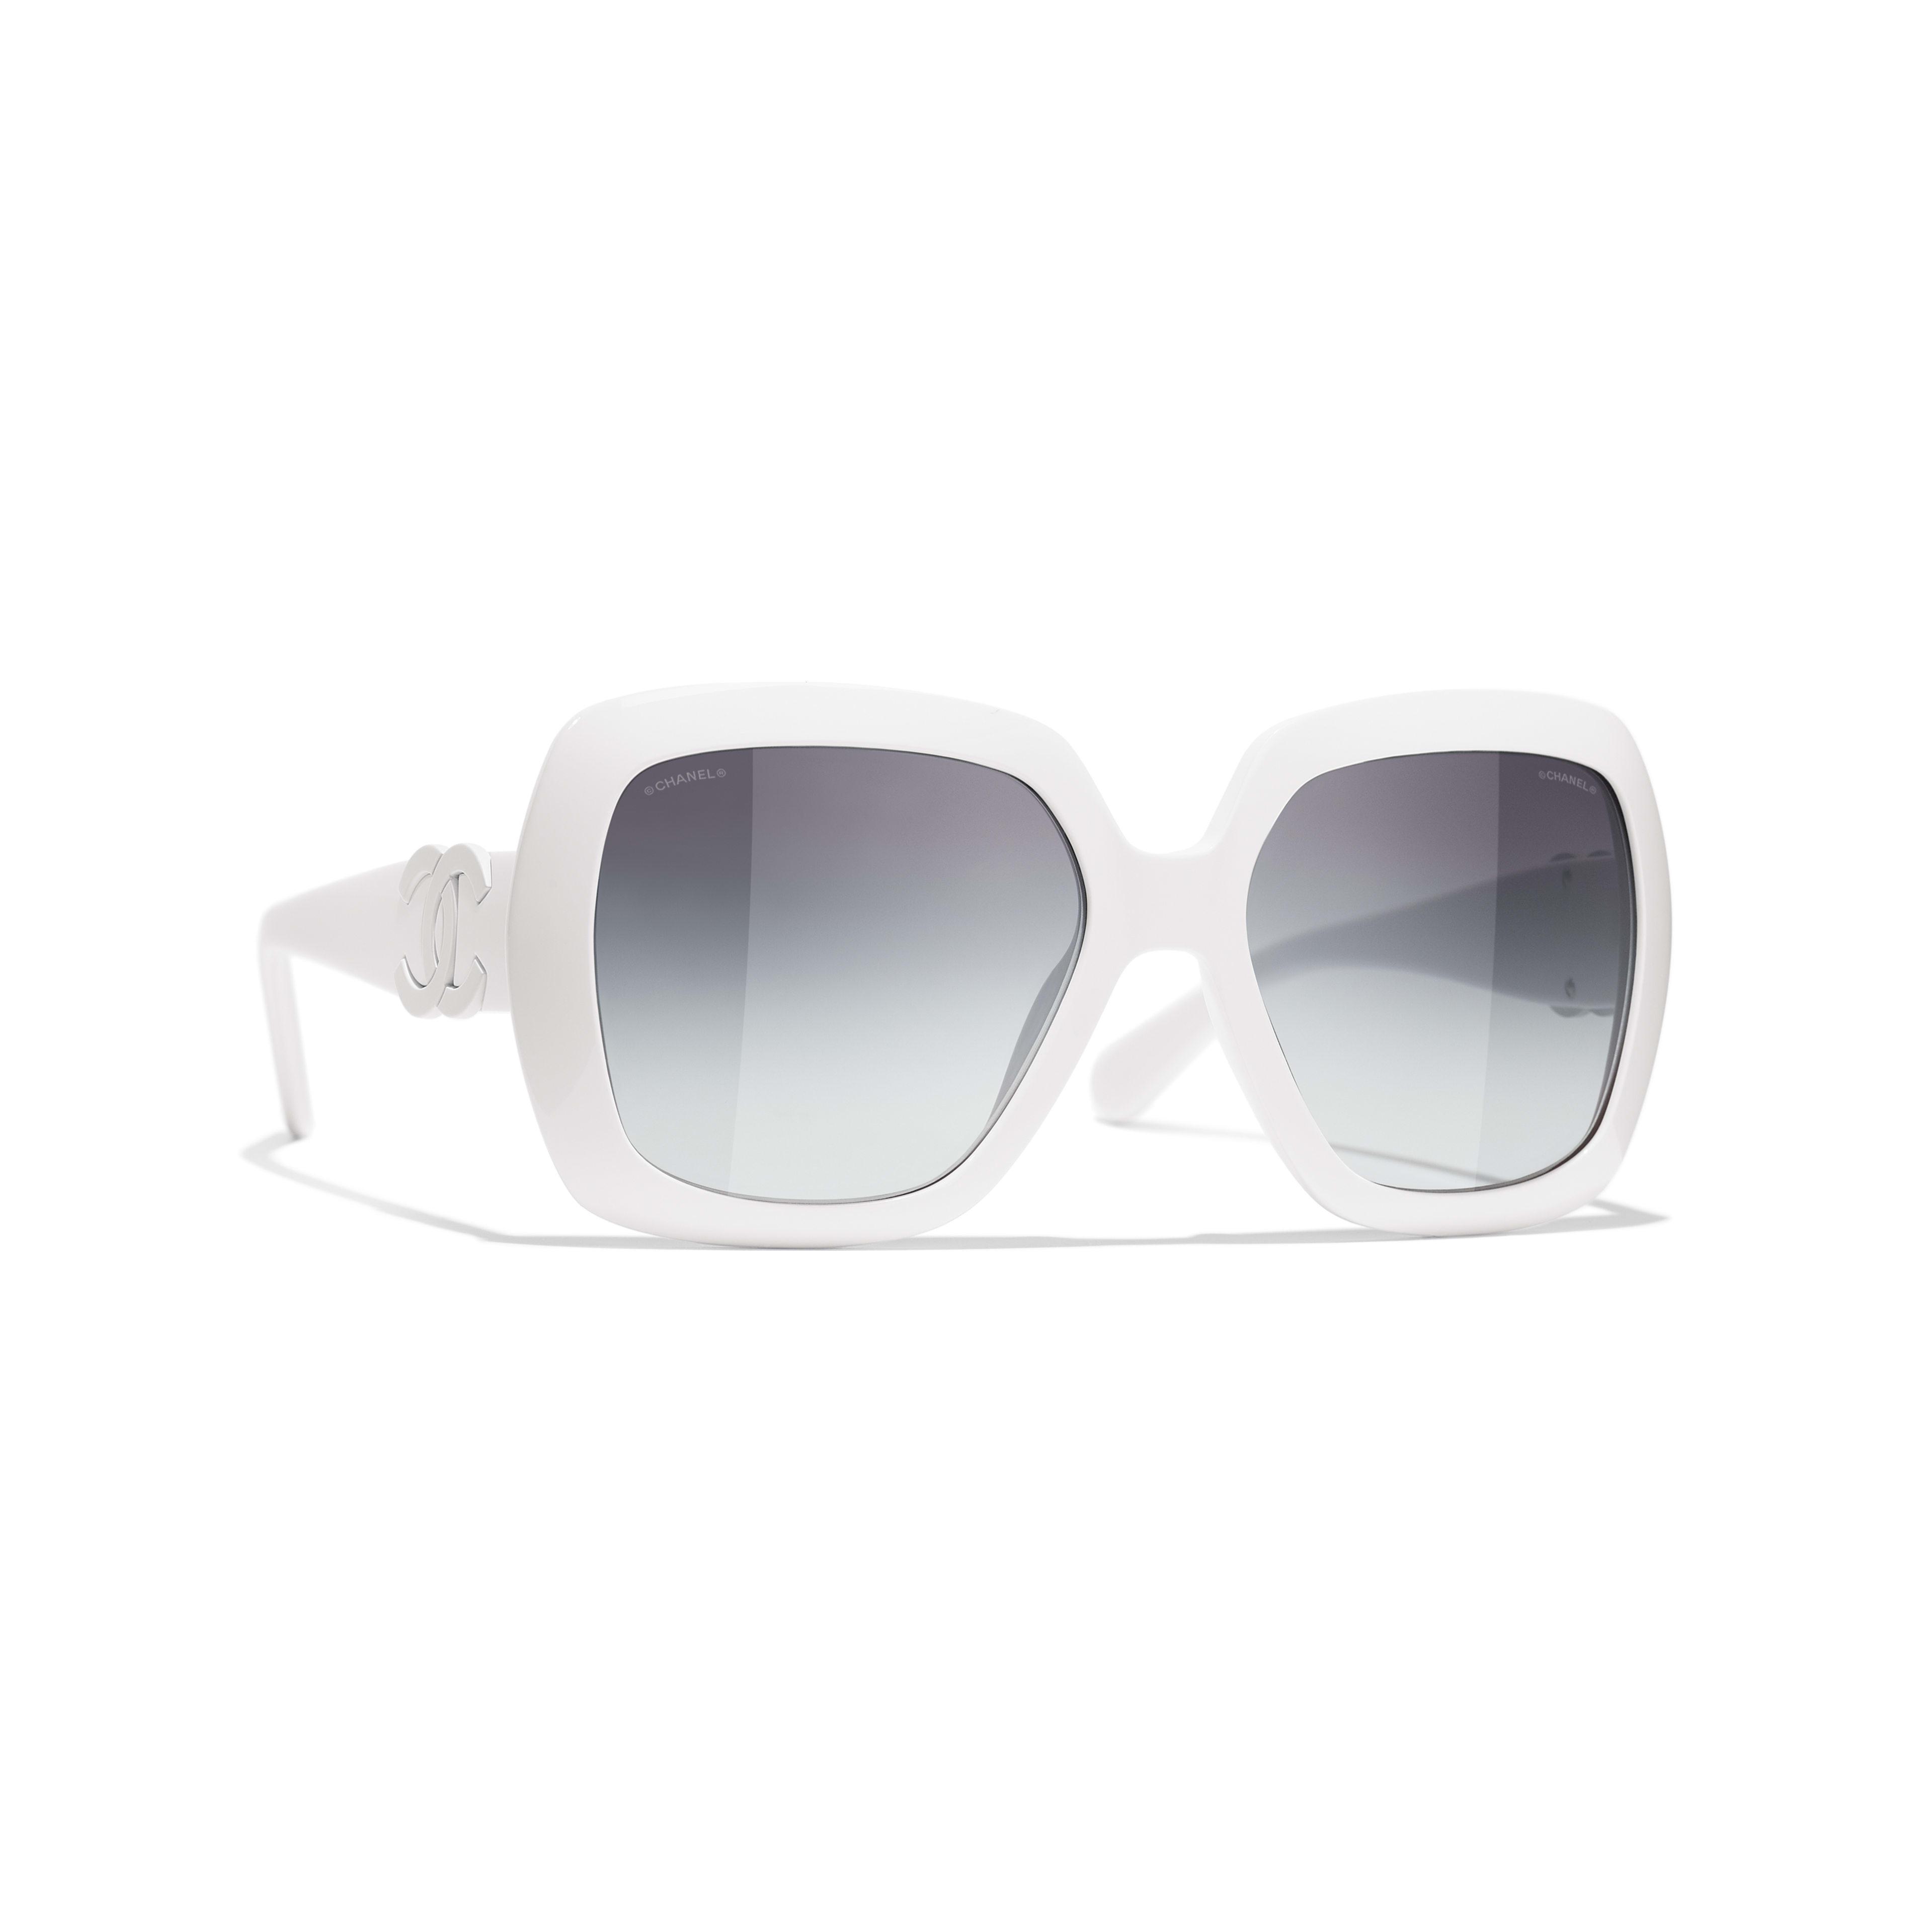 แว่นตากันแดดทรงเหลี่ยม - สีขาว - อะซิเตท - CHANEL - มุมมองปัจจุบัน - ดูเวอร์ชันขนาดมาตรฐาน